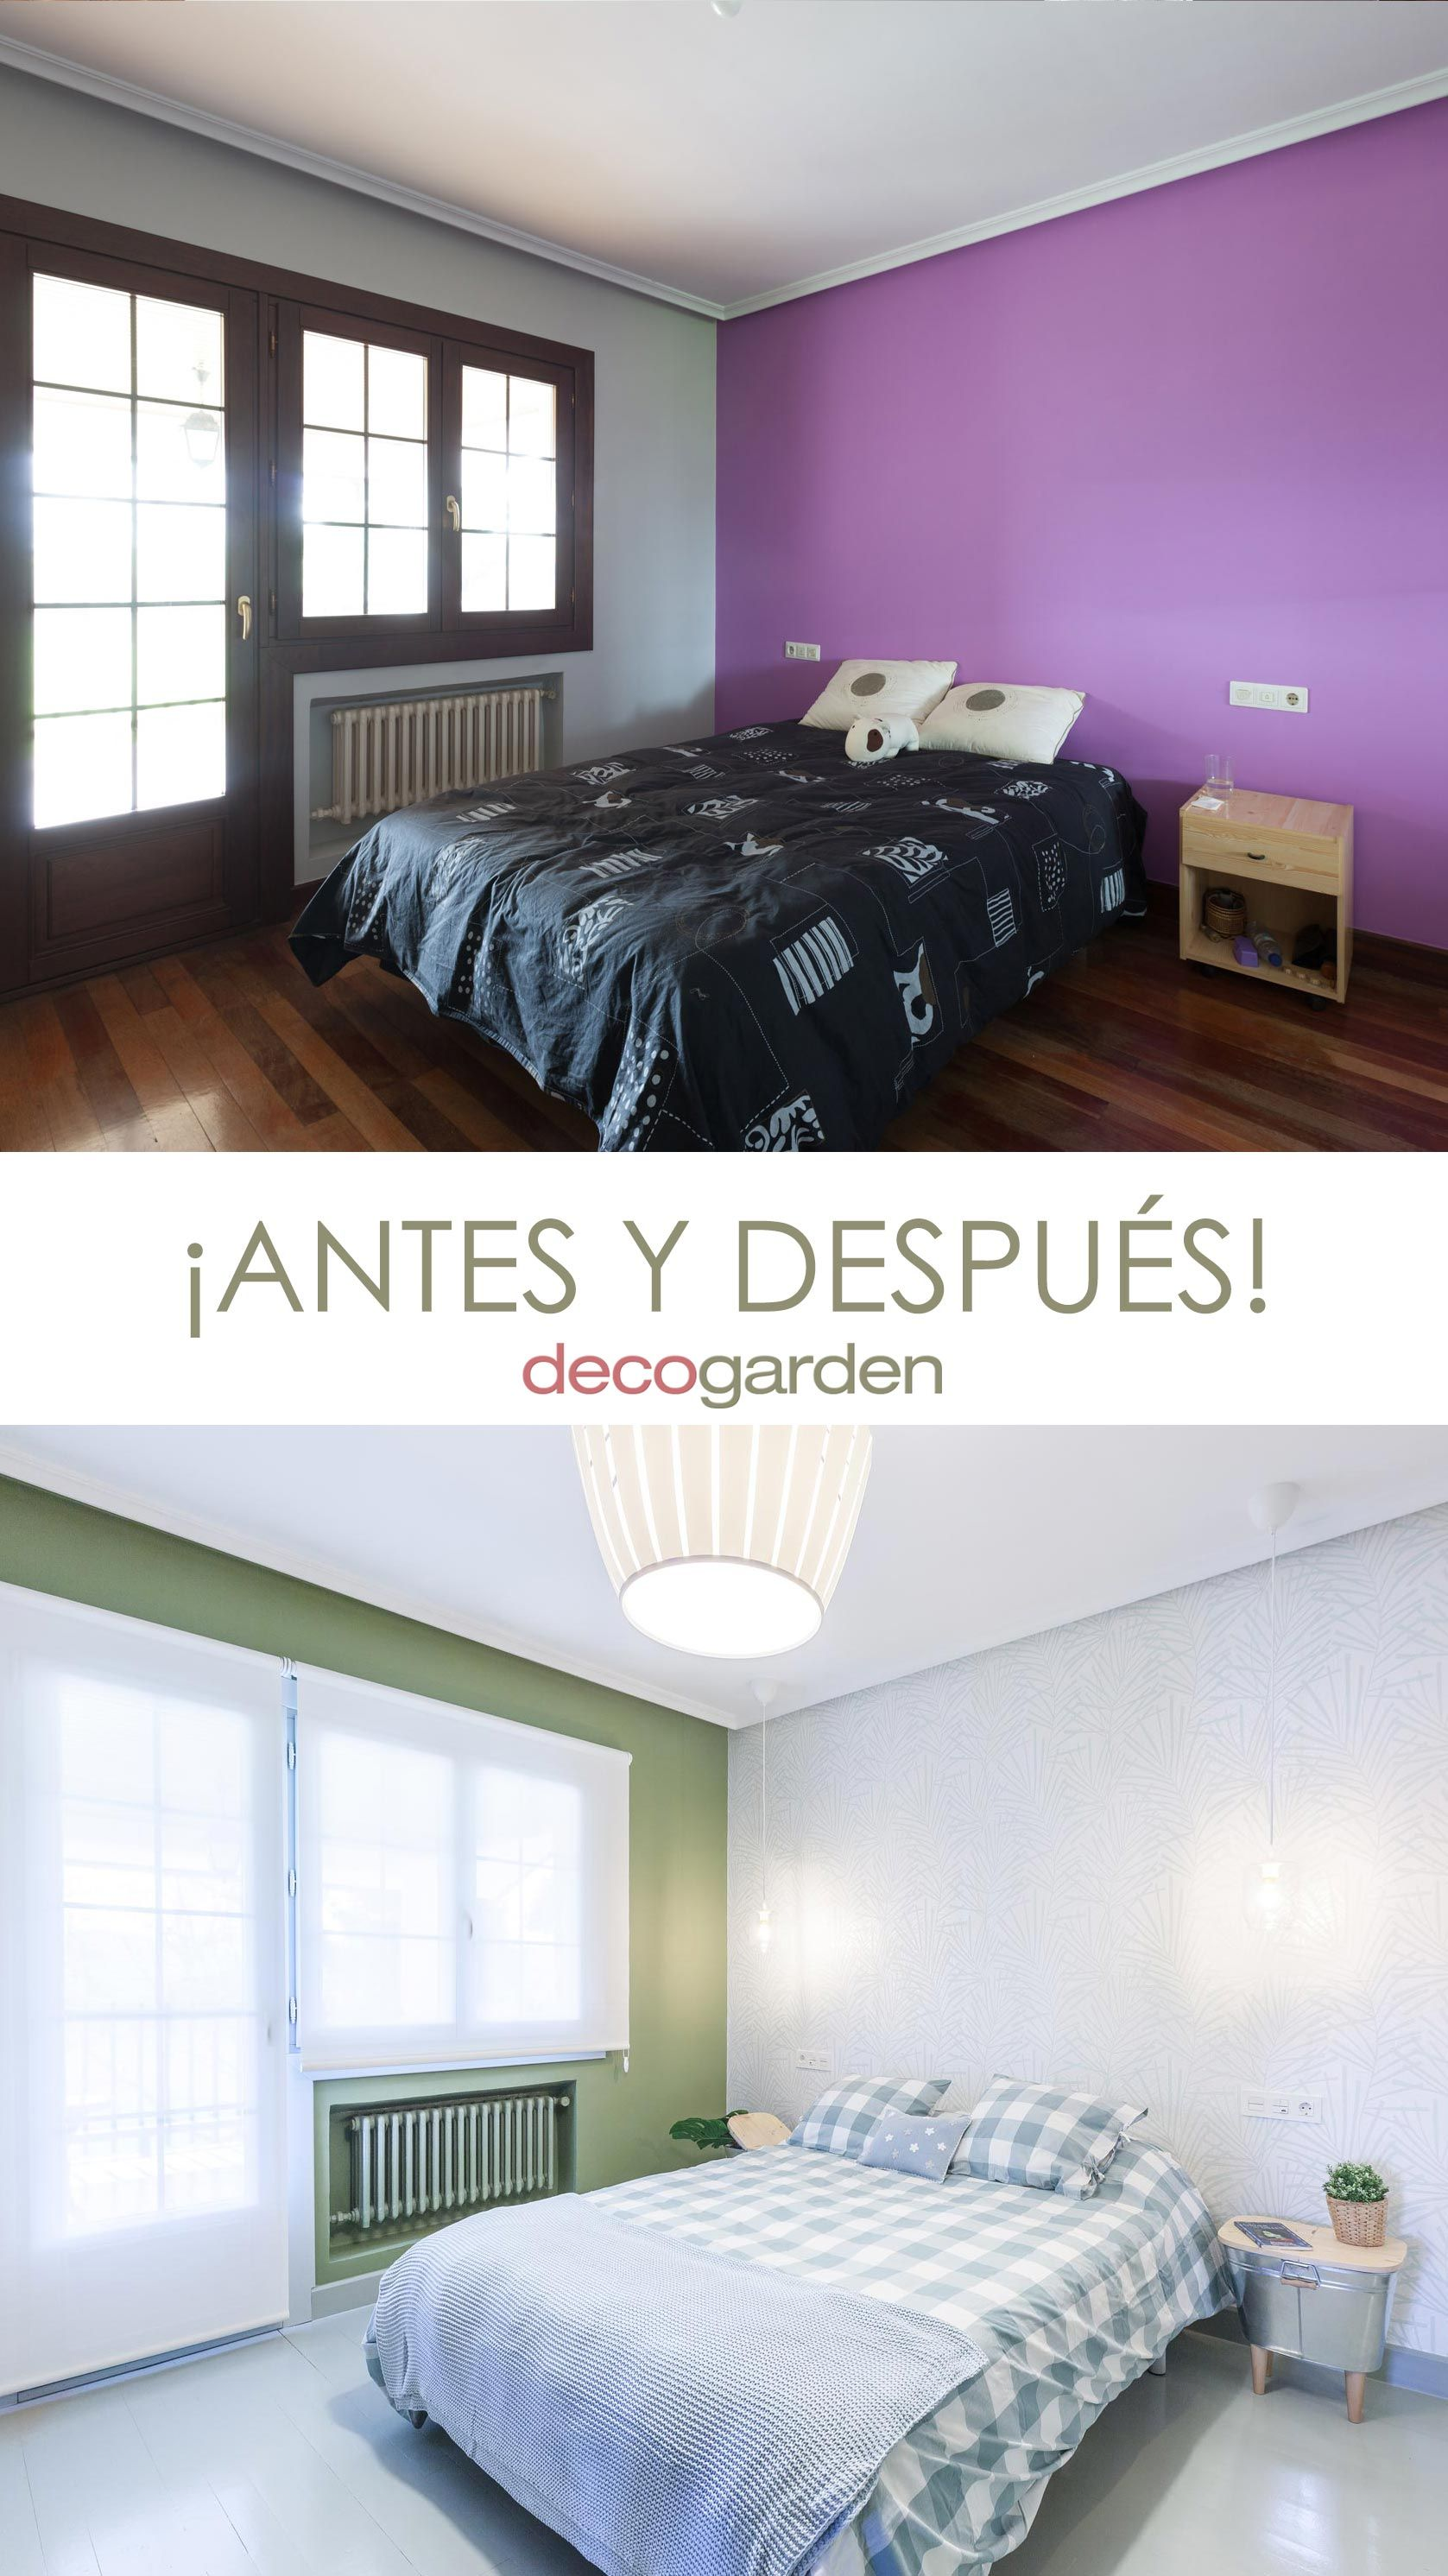 Dormitorio de estilo fresco y natural - antes y después